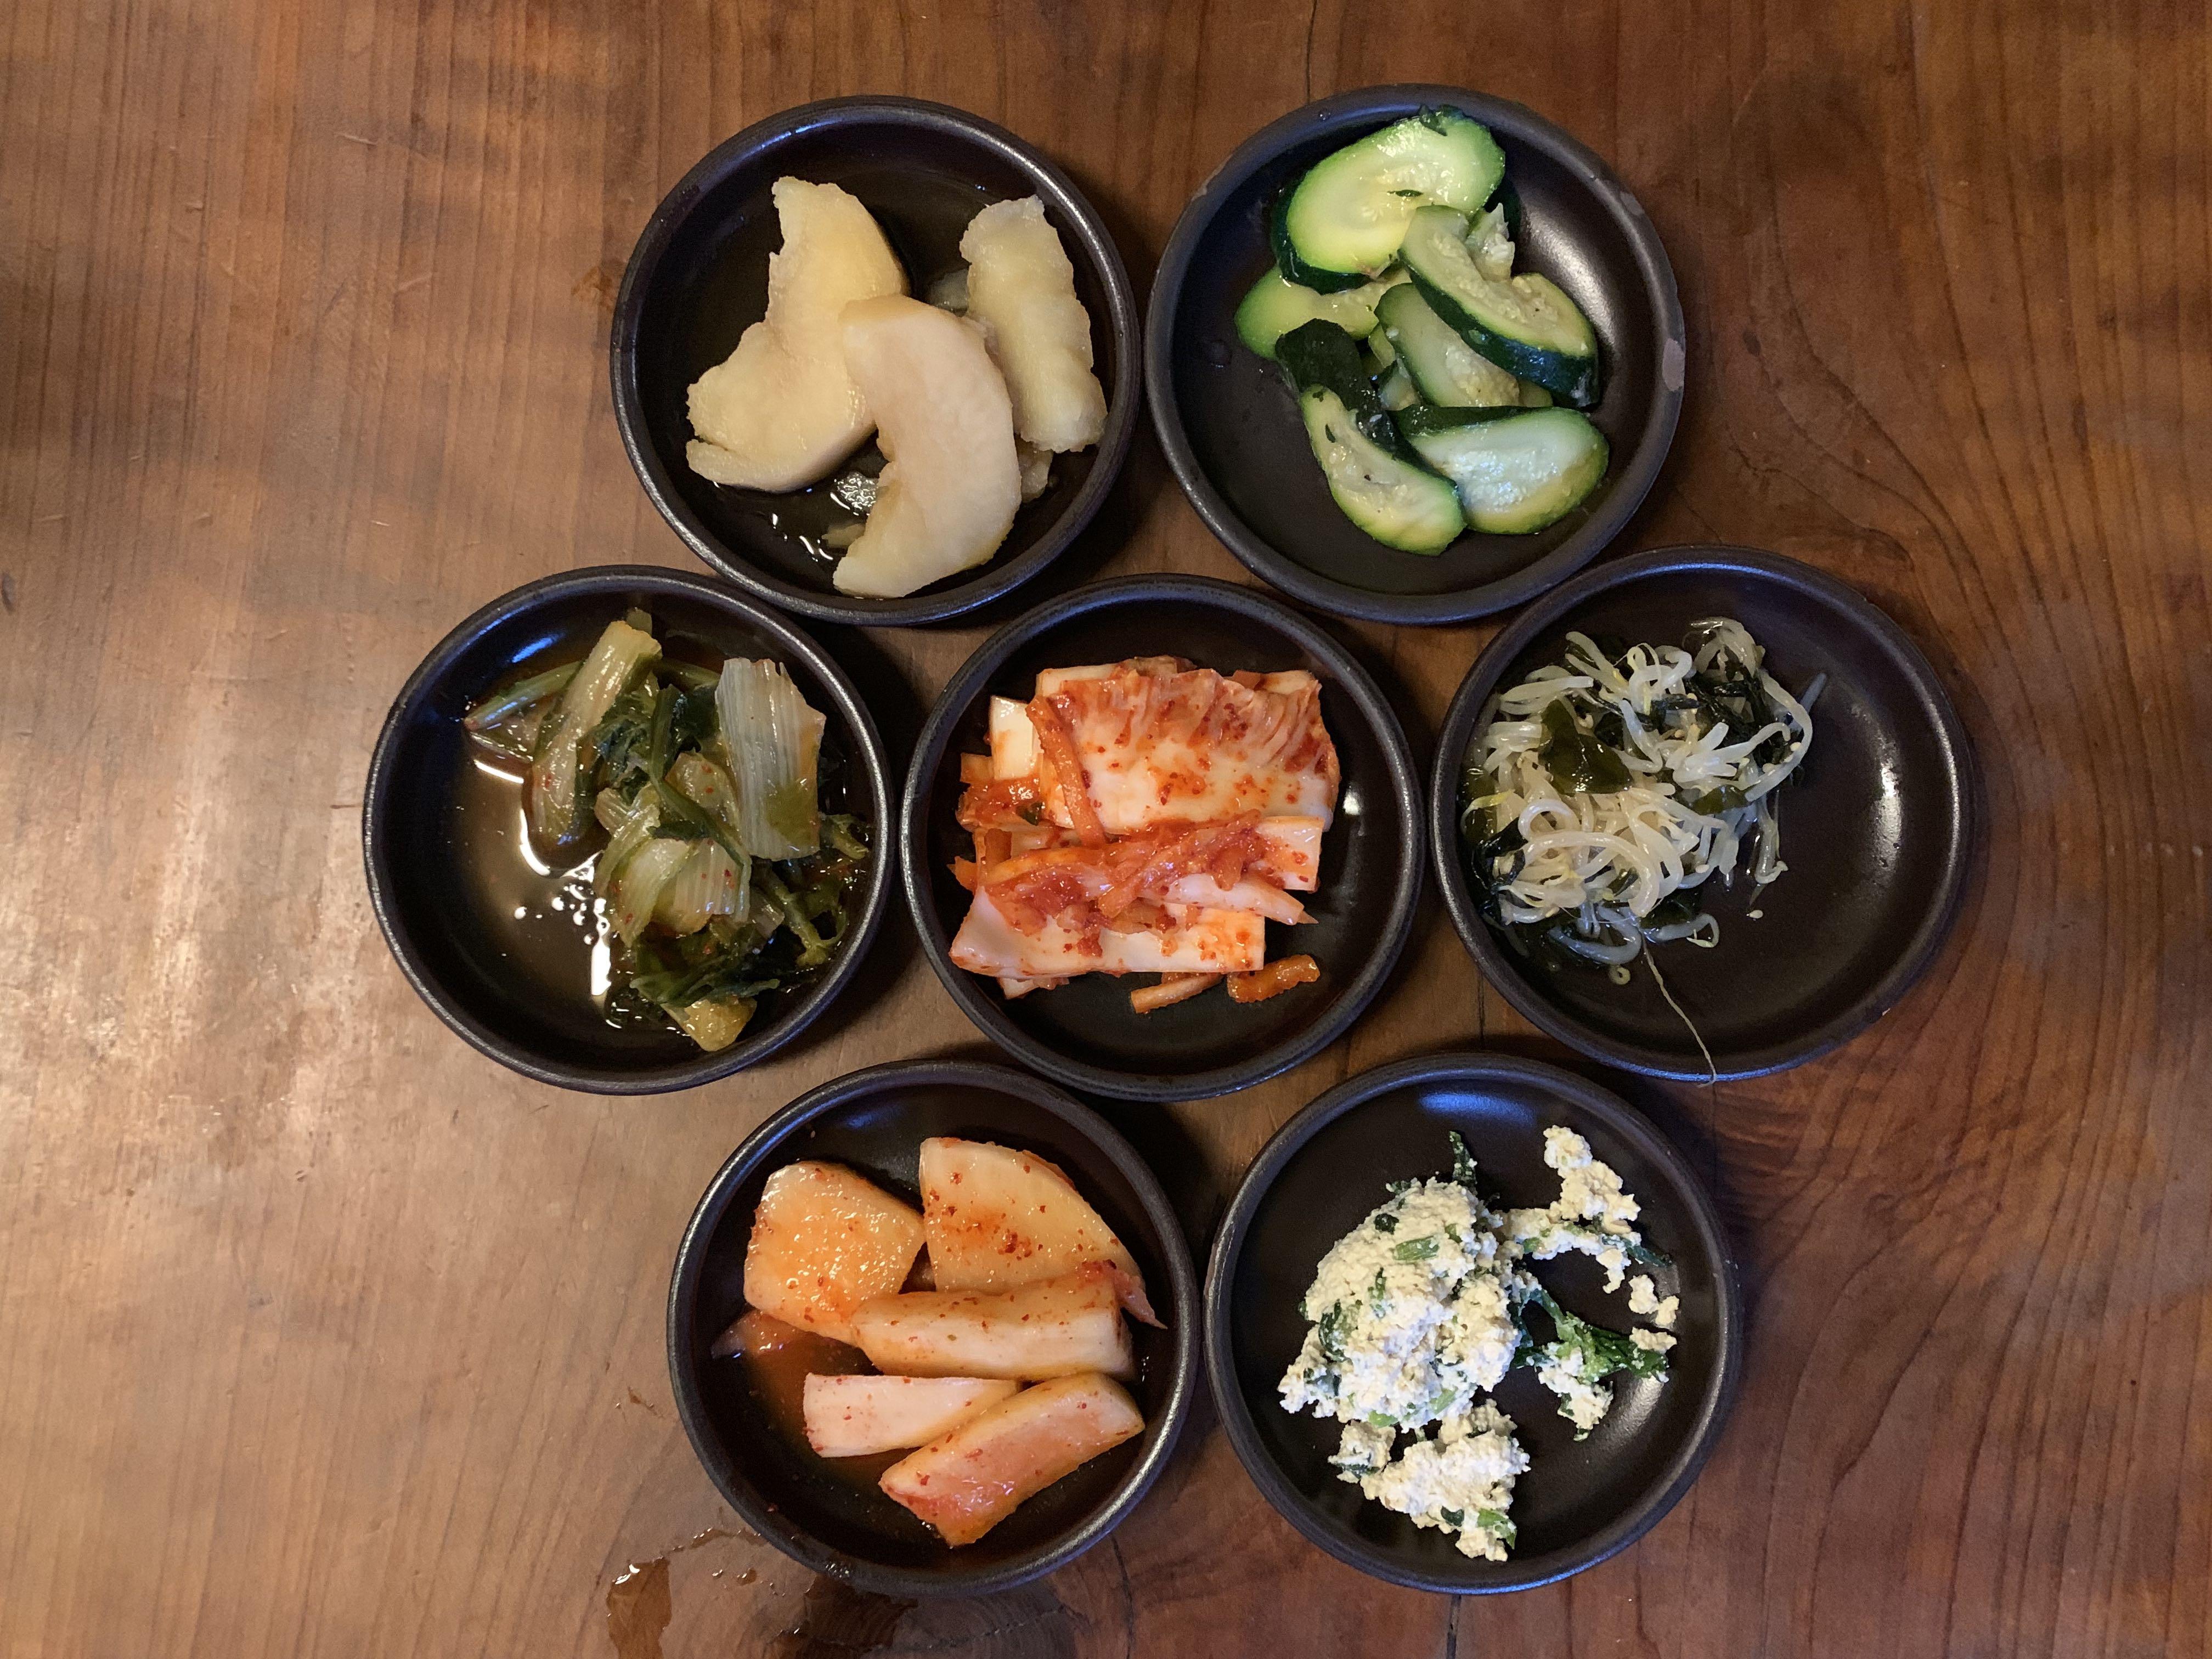 Banchan at Pyeong Chang Tofu